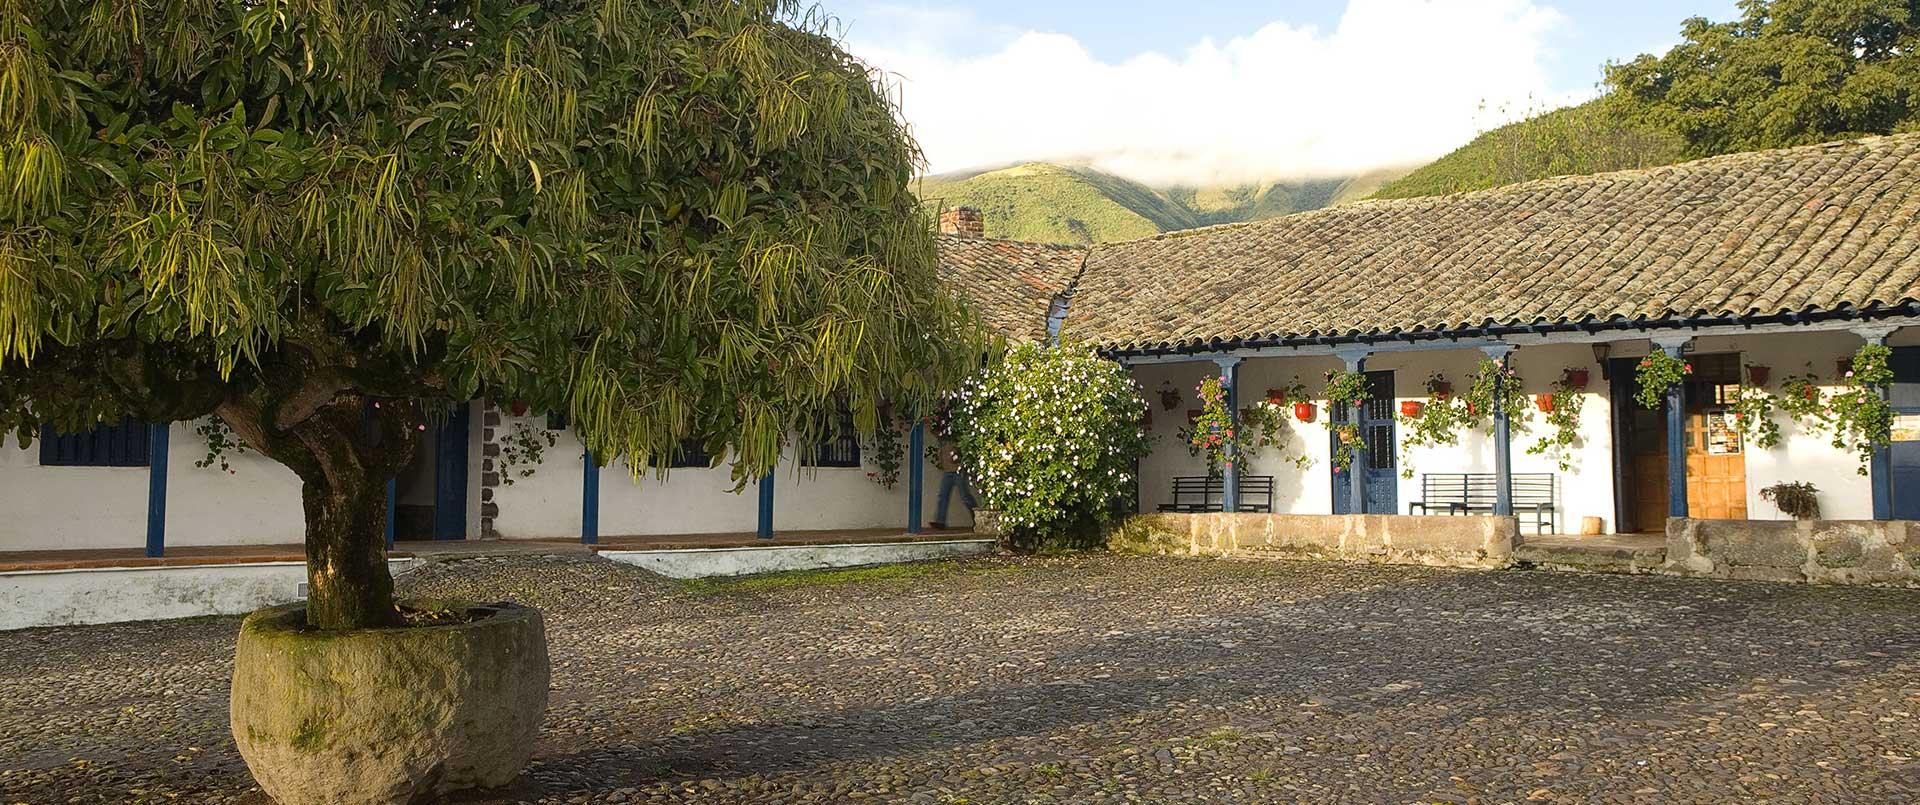 Hacienda Zuleta, northern-Sierras